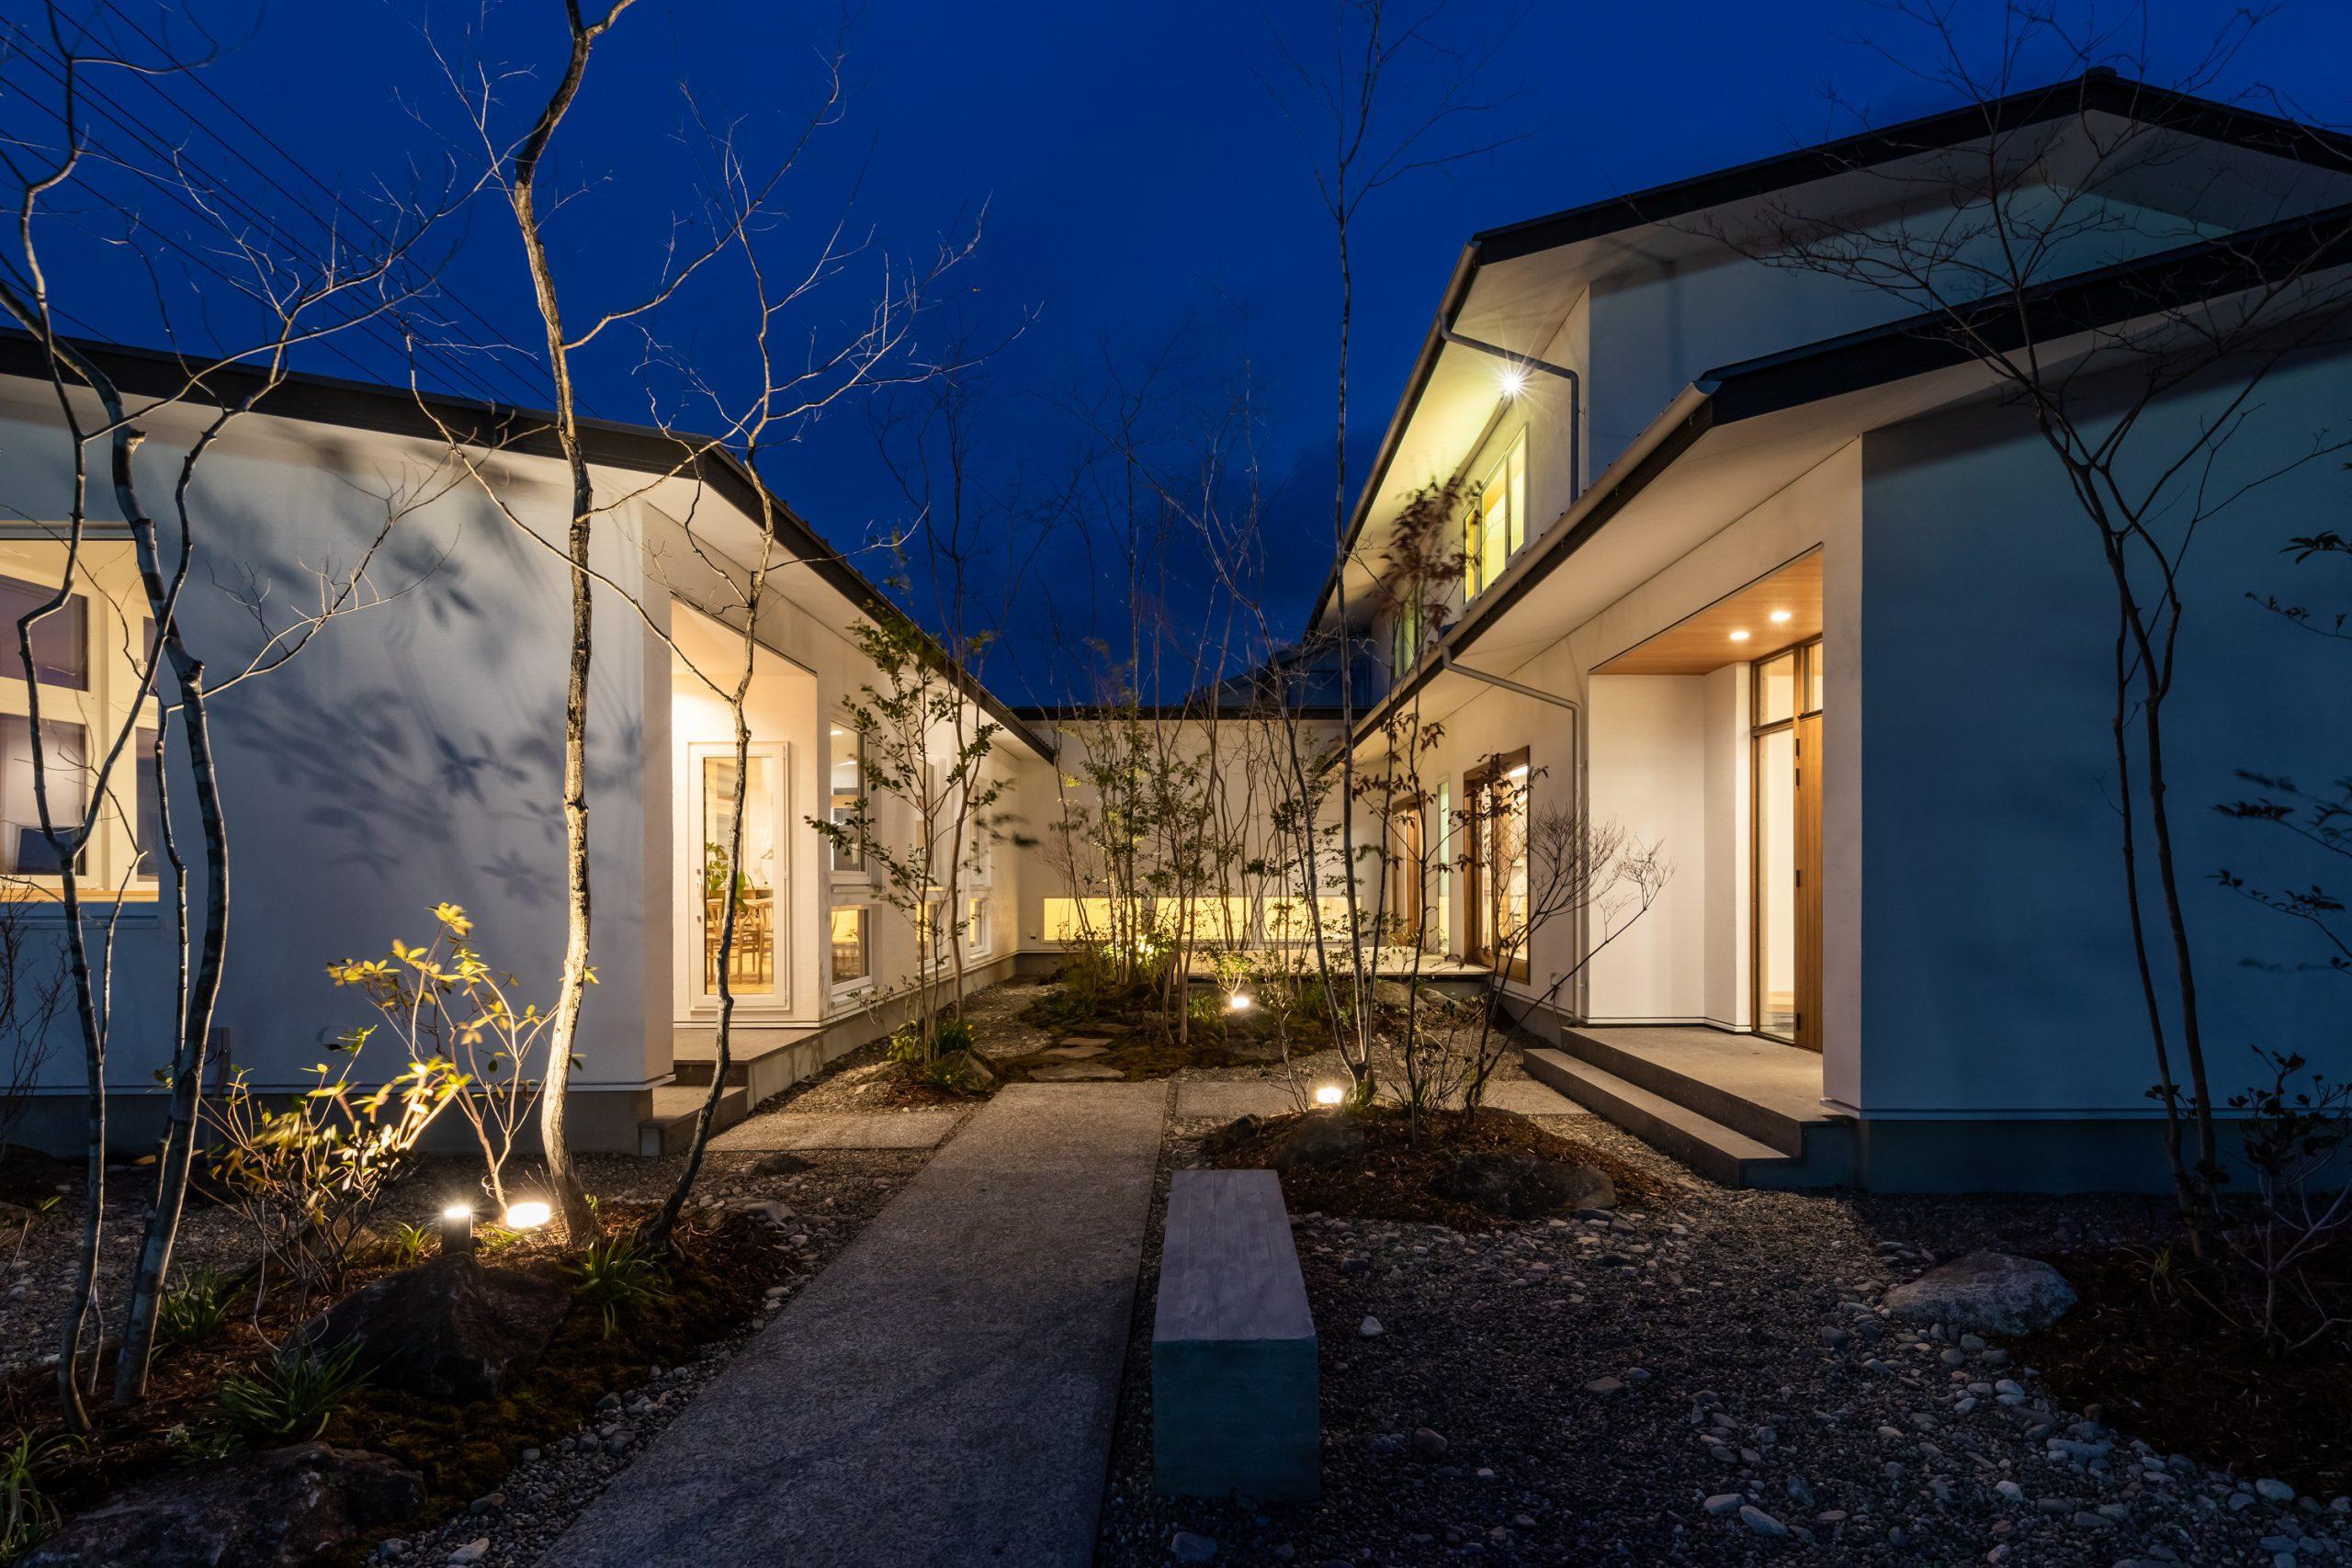 千葉の中庭のある家の外観:開放感と安心感があるコの字型の間取りの事例